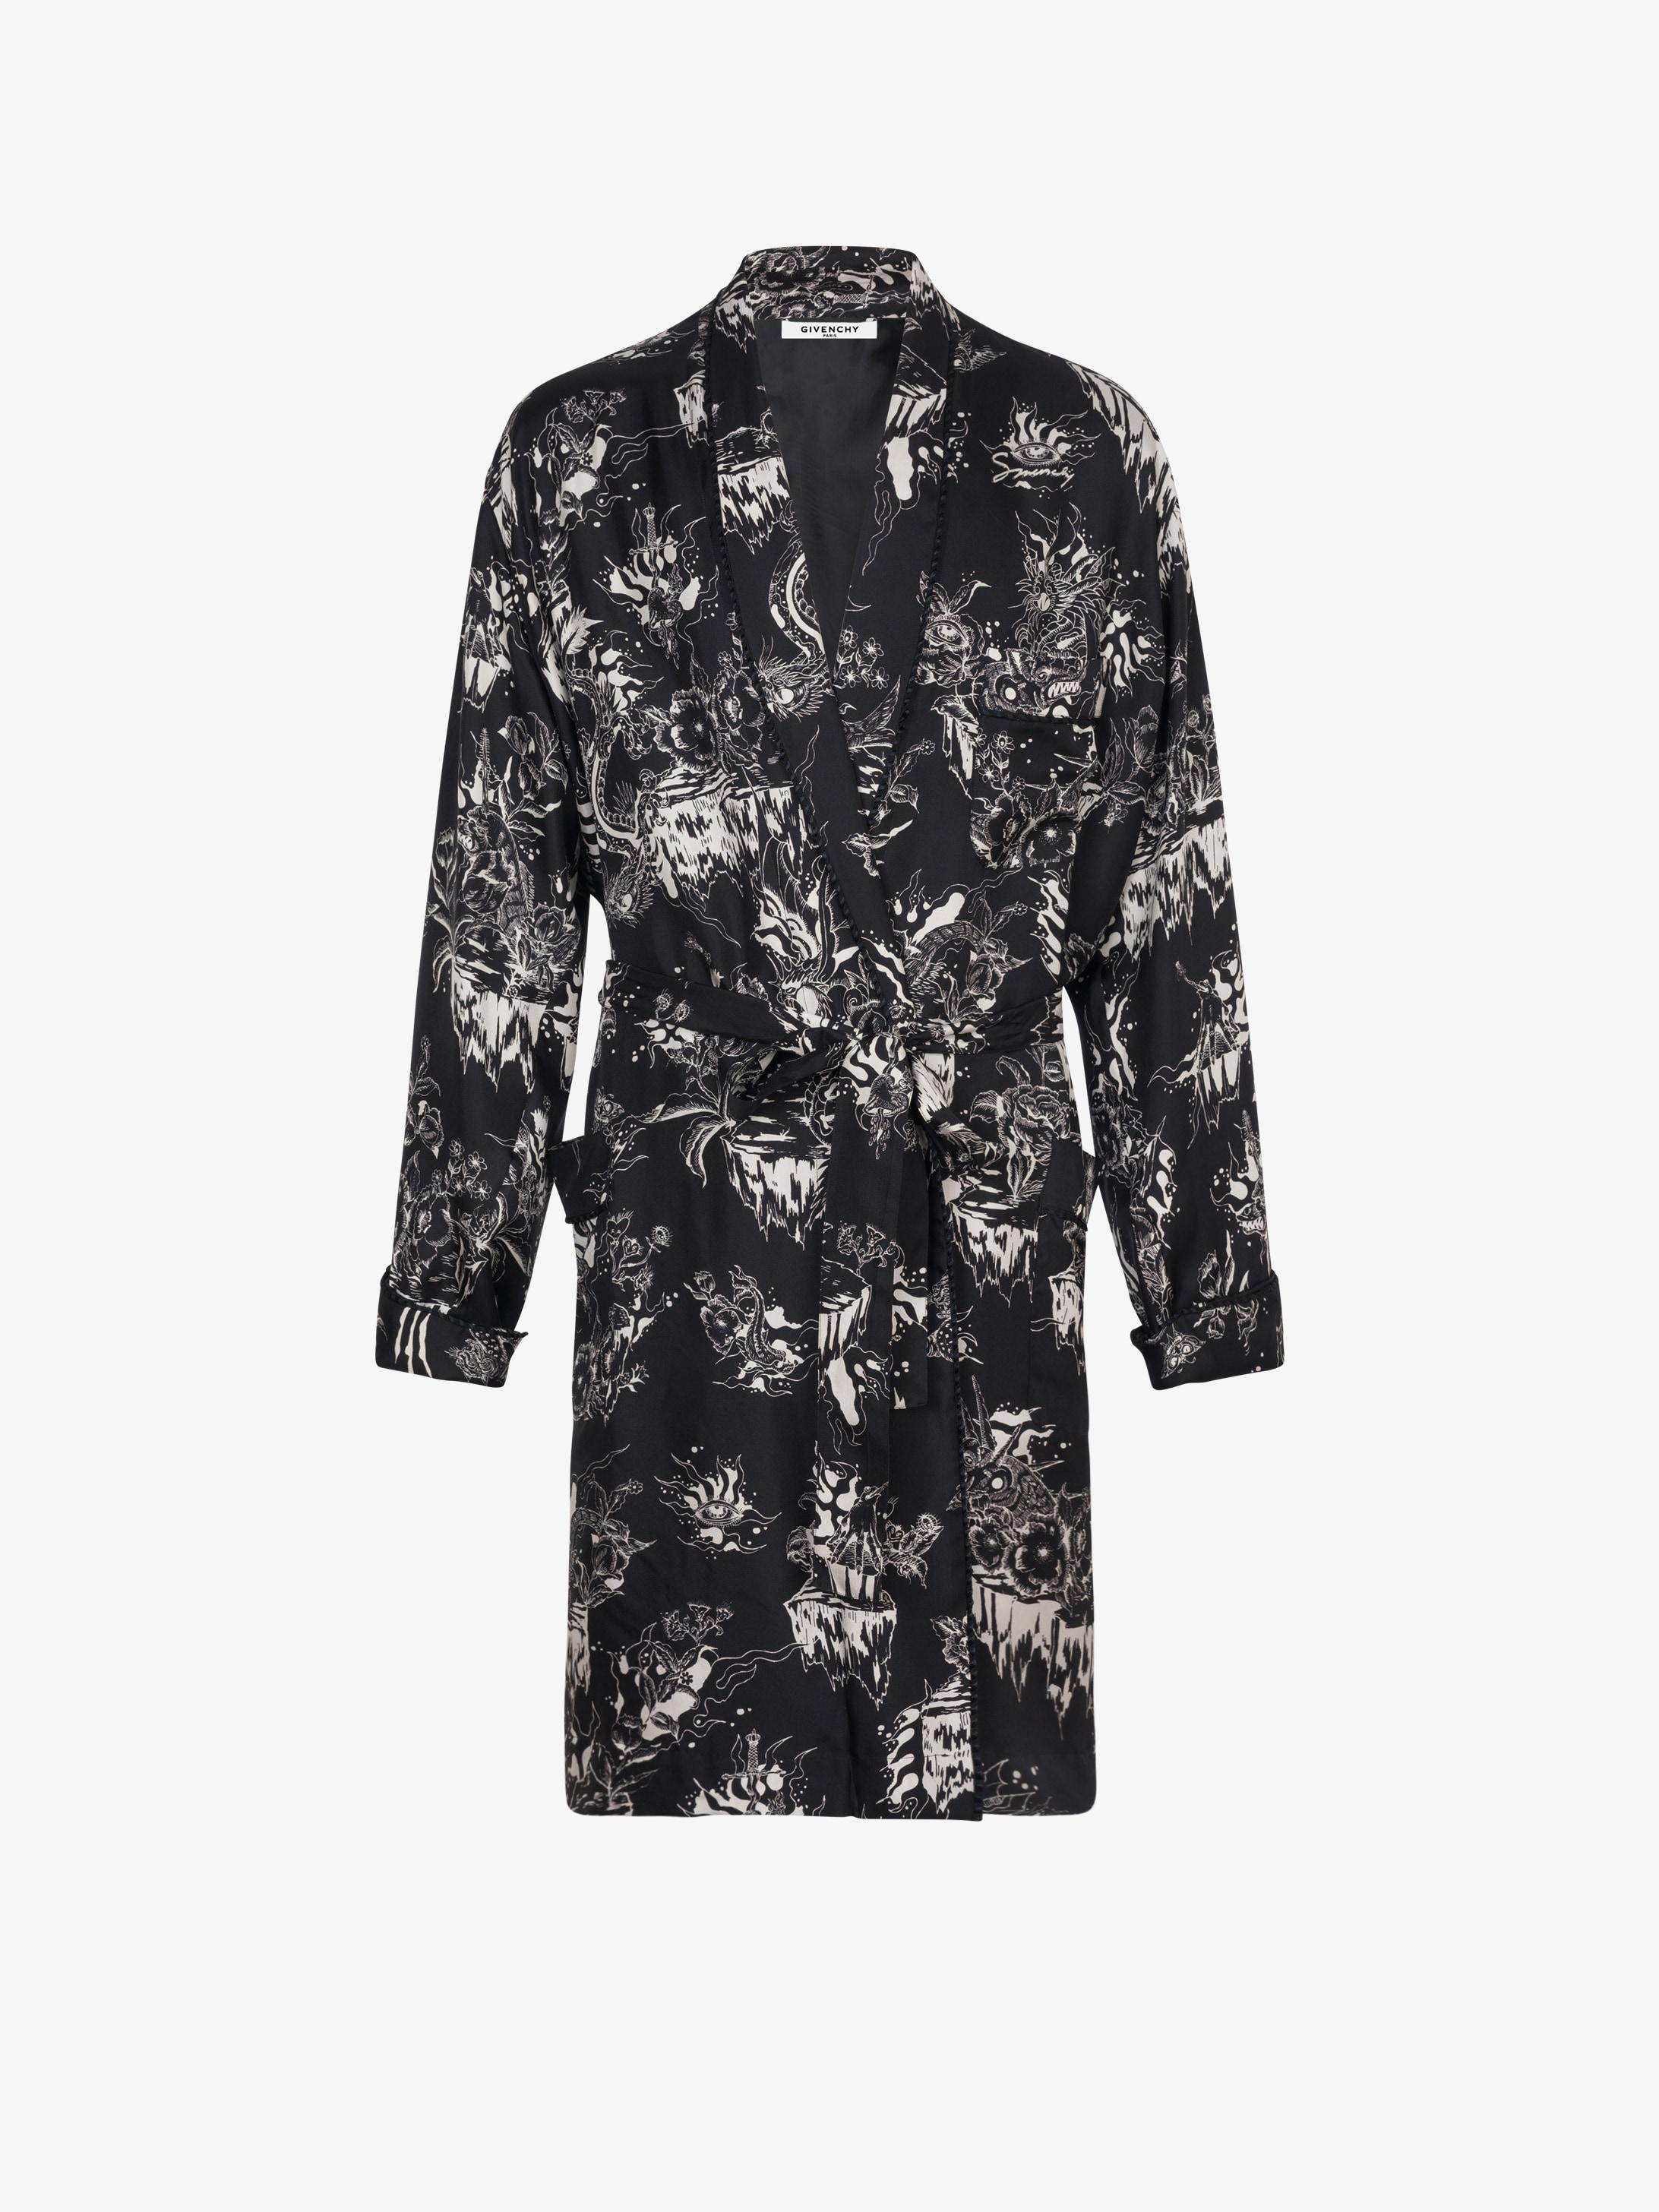 Monsters printed Kimono robe shirt